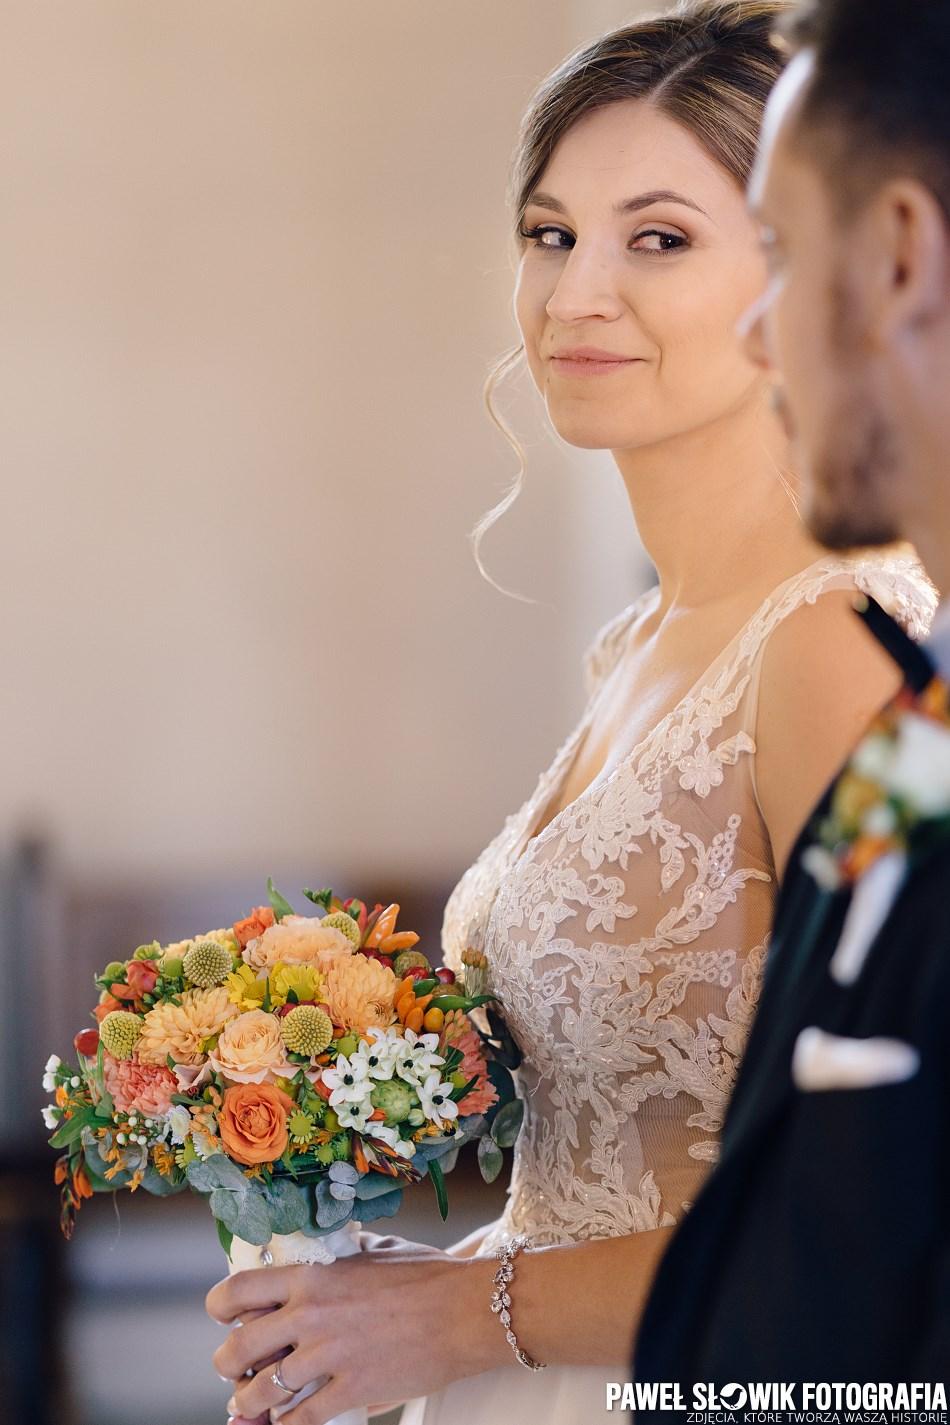 fotografia ślubna wieloletnie doświadczenie